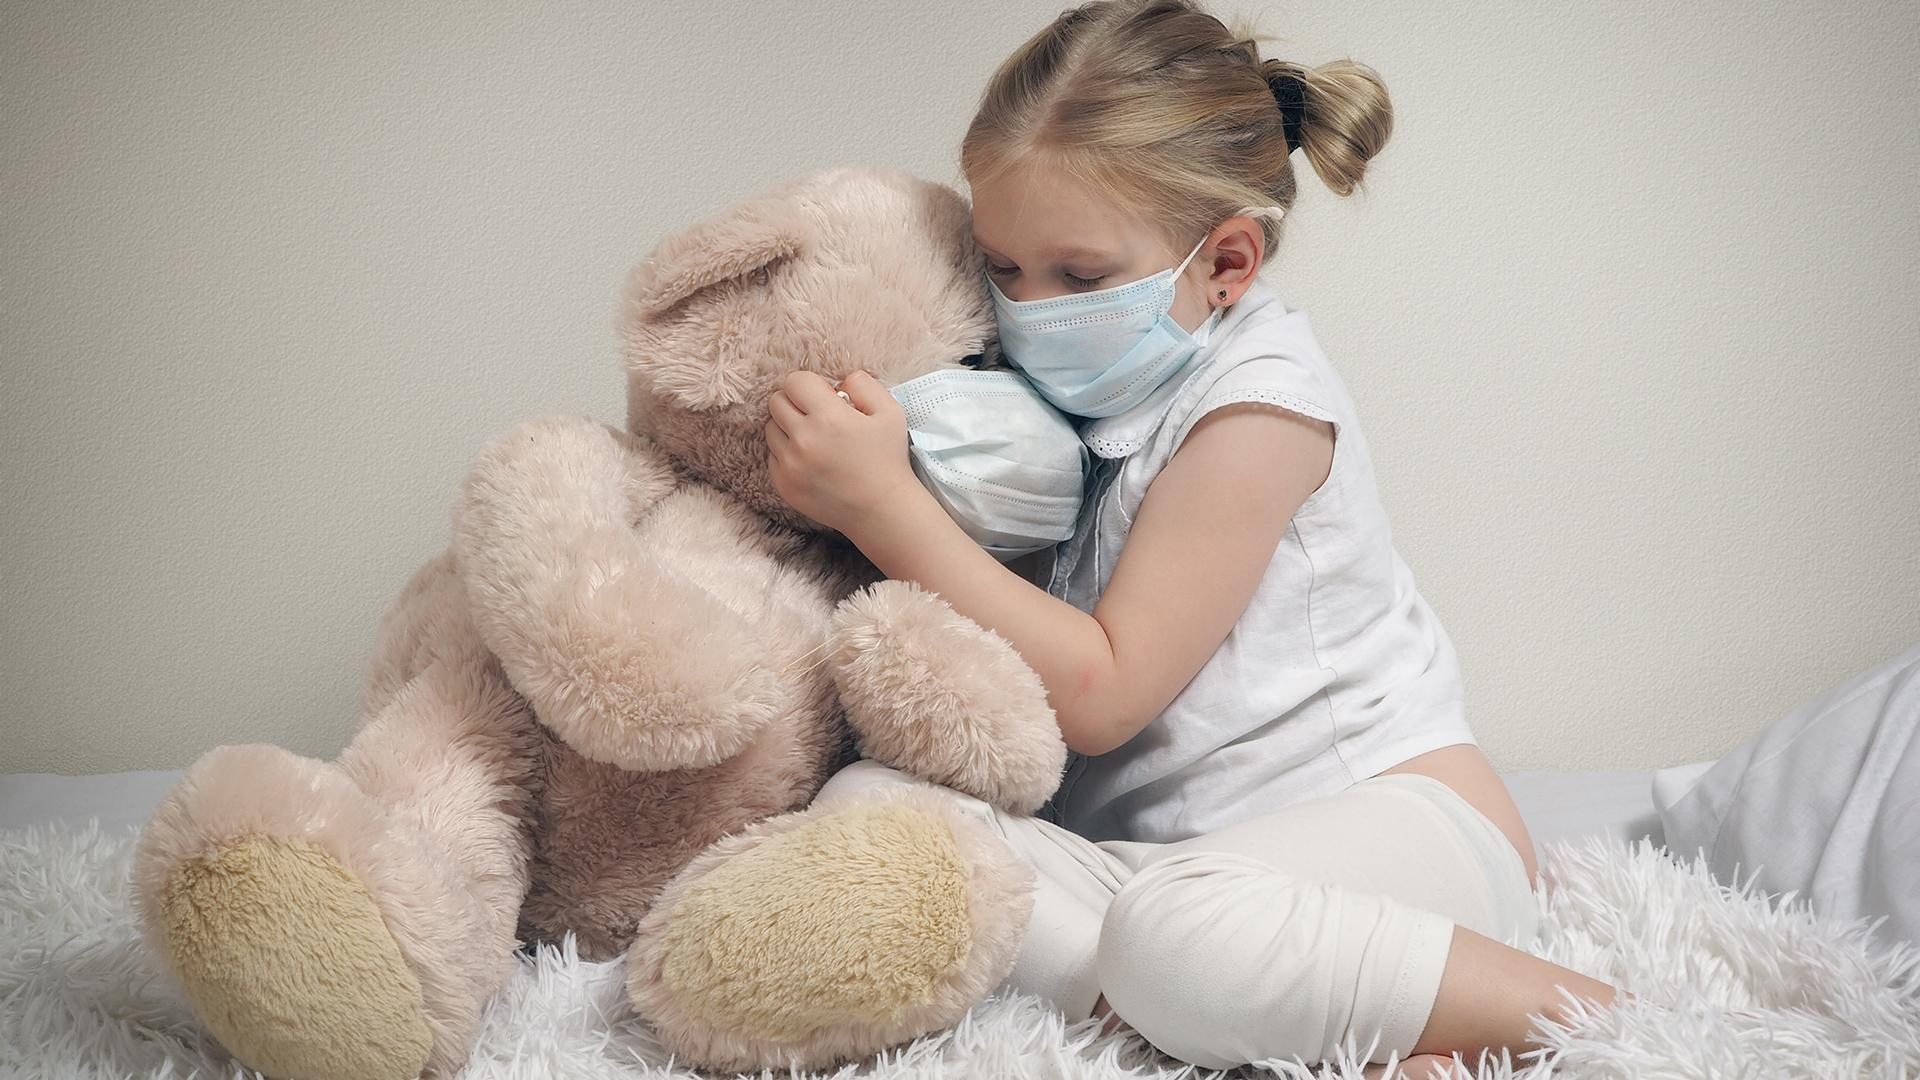 Дети меньше подвержены инфекции